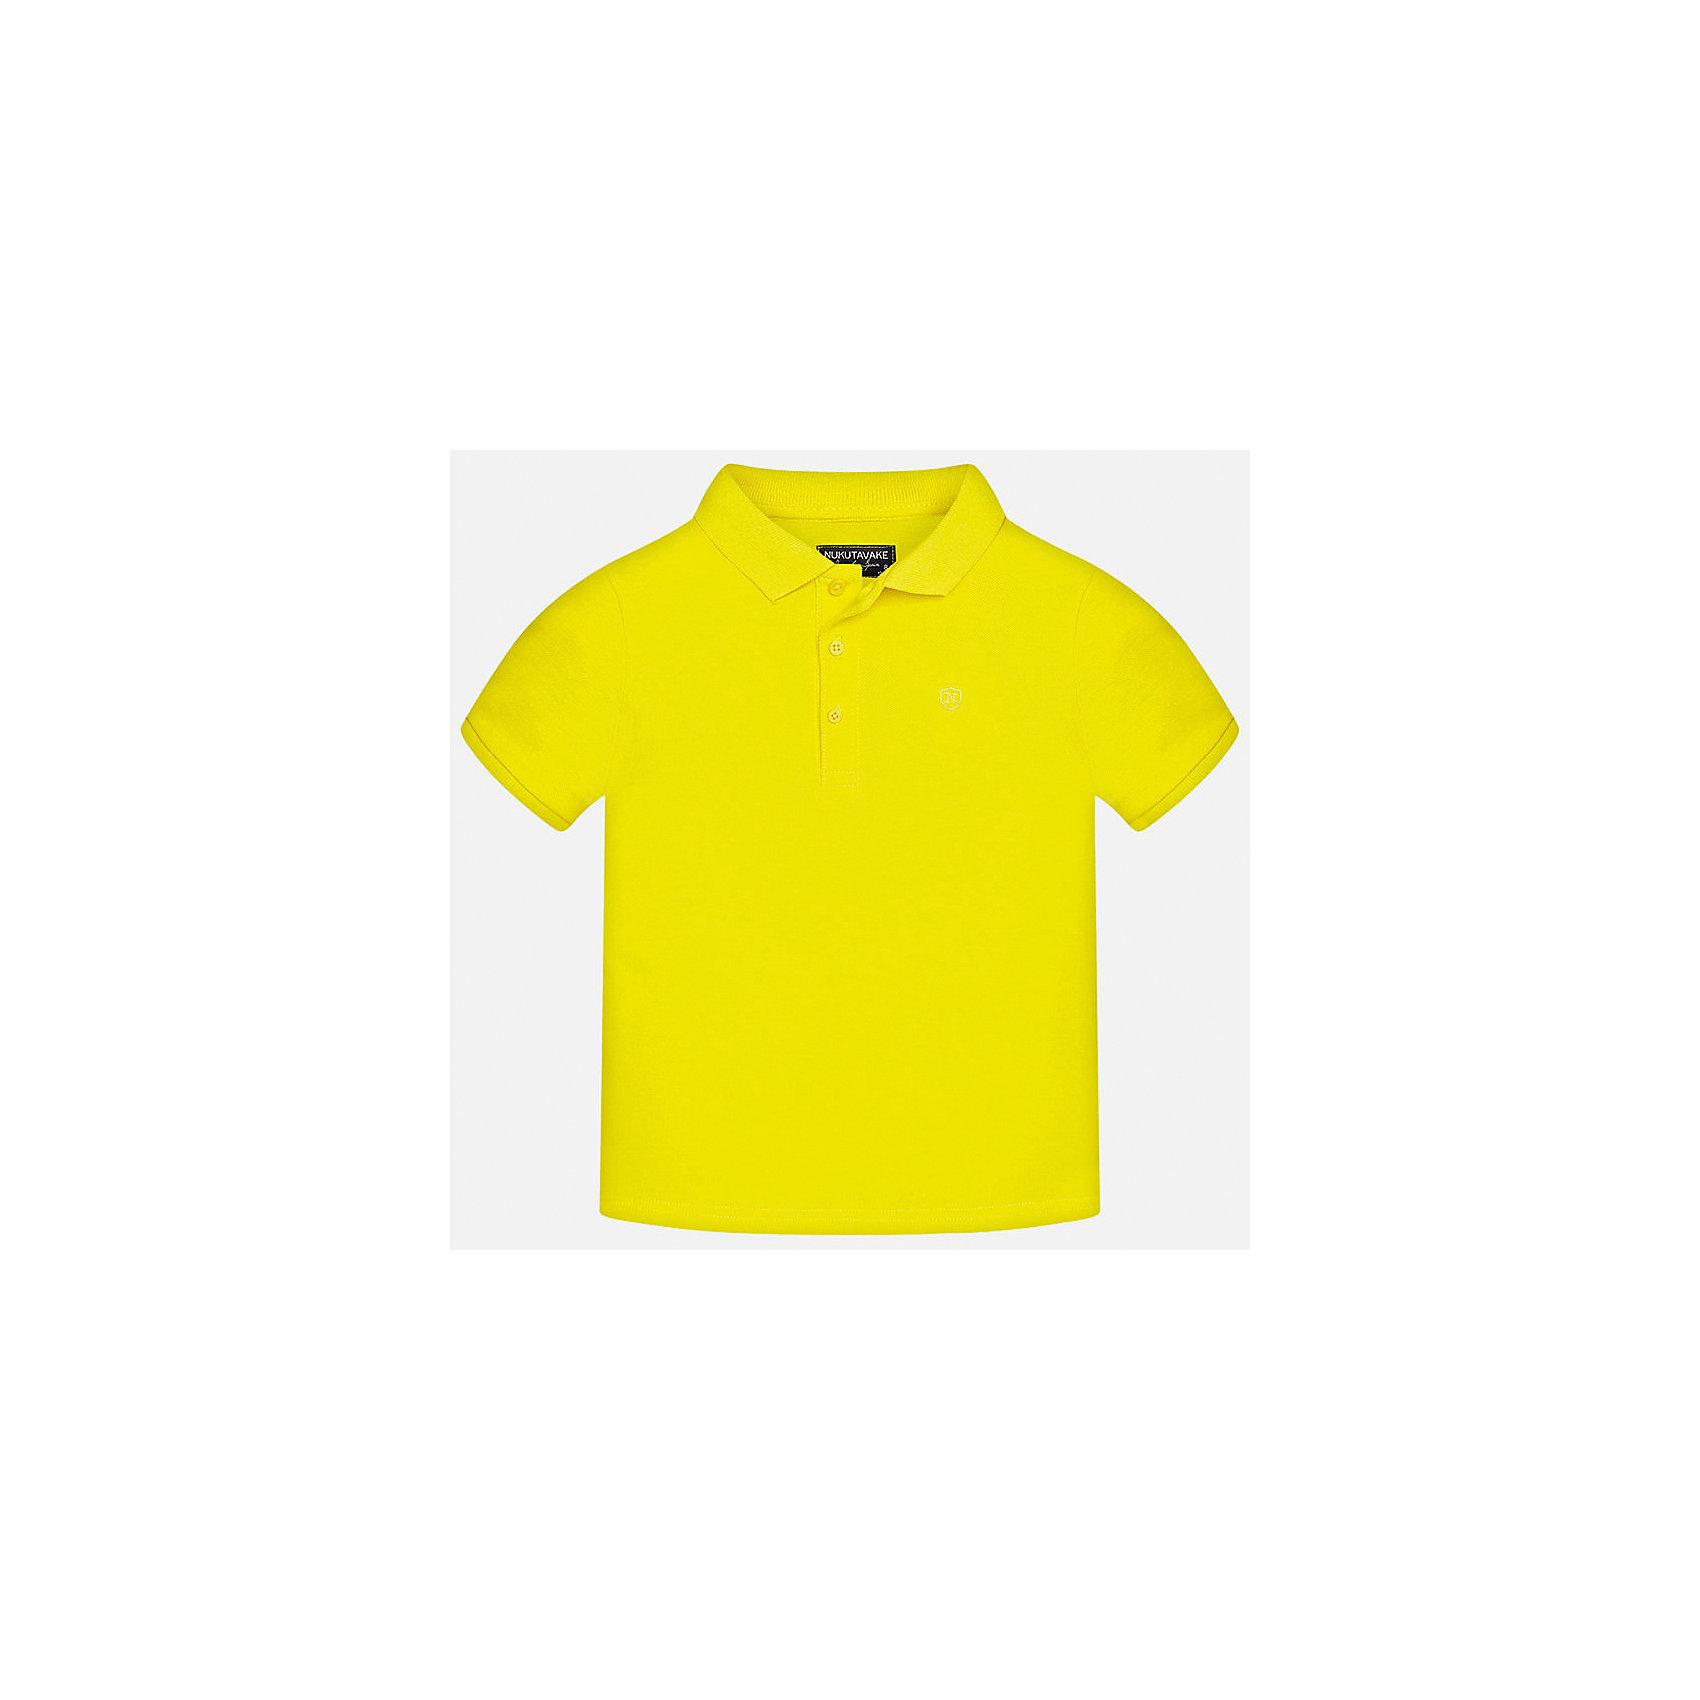 Футболка-поло для мальчика MayoralФутболки, поло и топы<br>Характеристики товара:<br><br>• цвет: желтый<br>• состав: 100% хлопок<br>• отложной воротник<br>• короткие рукава<br>• застежка: пуговицы<br>• страна бренда: Испания<br><br>Удобная и модная футболка-поло для мальчика может стать базовой вещью в гардеробе ребенка. Она отлично сочетается с брюками, шортами, джинсами и т.д. Универсальный крой и цвет позволяет подобрать к вещи низ разных расцветок. Практичное и стильное изделие! В составе материала - только натуральный хлопок, гипоаллергенный, приятный на ощупь, дышащий.<br><br>Одежда, обувь и аксессуары от испанского бренда Mayoral полюбились детям и взрослым по всему миру. Модели этой марки - стильные и удобные. Для их производства используются только безопасные, качественные материалы и фурнитура. Порадуйте ребенка модными и красивыми вещами от Mayoral! <br><br>Футболку-поло для мальчика от испанского бренда Mayoral (Майорал) можно купить в нашем интернет-магазине.<br><br>Ширина мм: 230<br>Глубина мм: 40<br>Высота мм: 220<br>Вес г: 250<br>Цвет: желтый<br>Возраст от месяцев: 84<br>Возраст до месяцев: 96<br>Пол: Мужской<br>Возраст: Детский<br>Размер: 128/134,170,164,158,152,140<br>SKU: 5278335